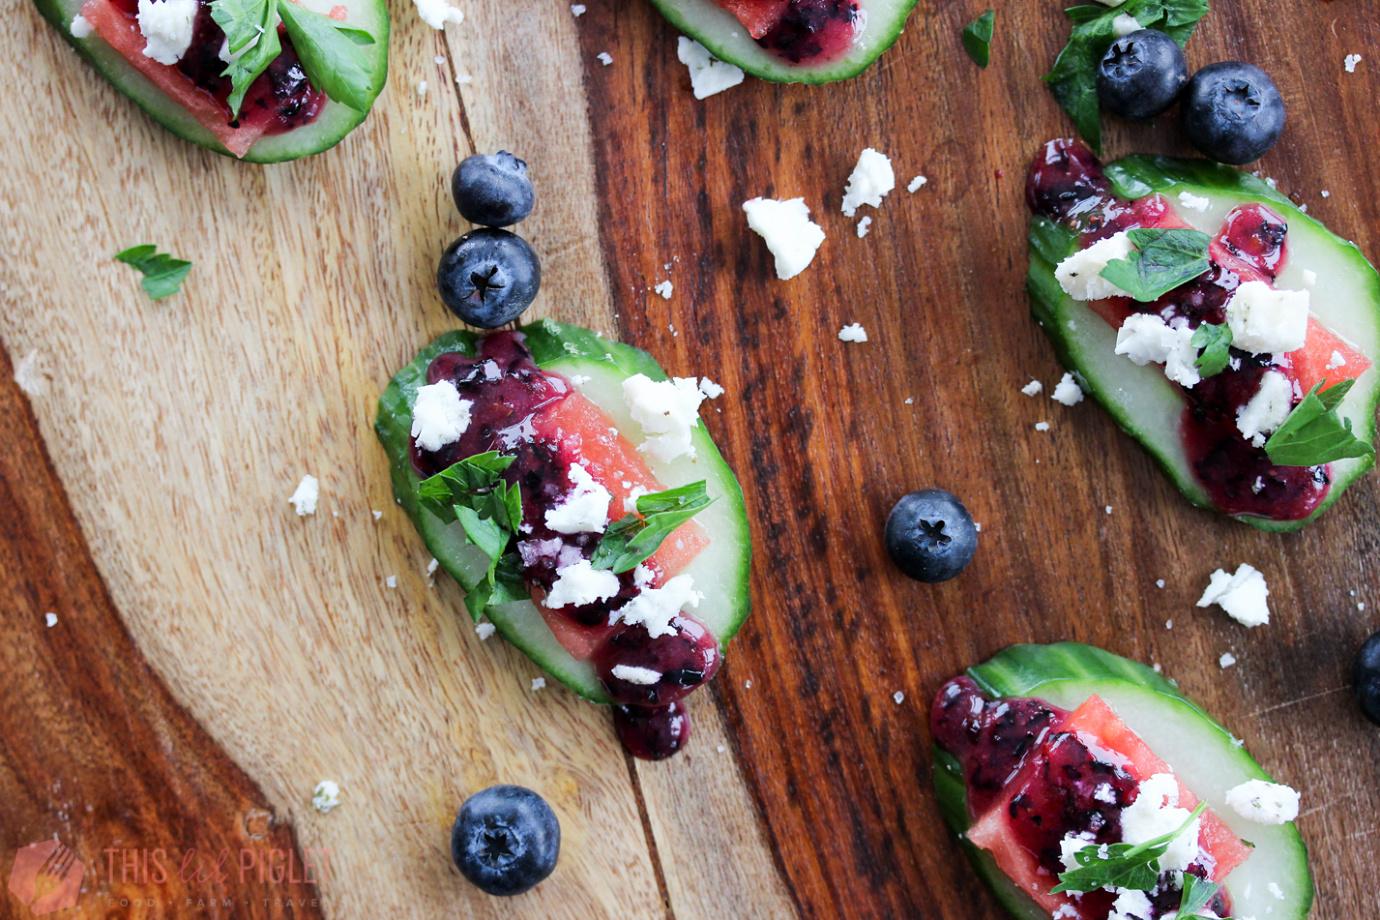 Cucumber Watermelon Vegetarian Appetizers // thislilpiglet.net